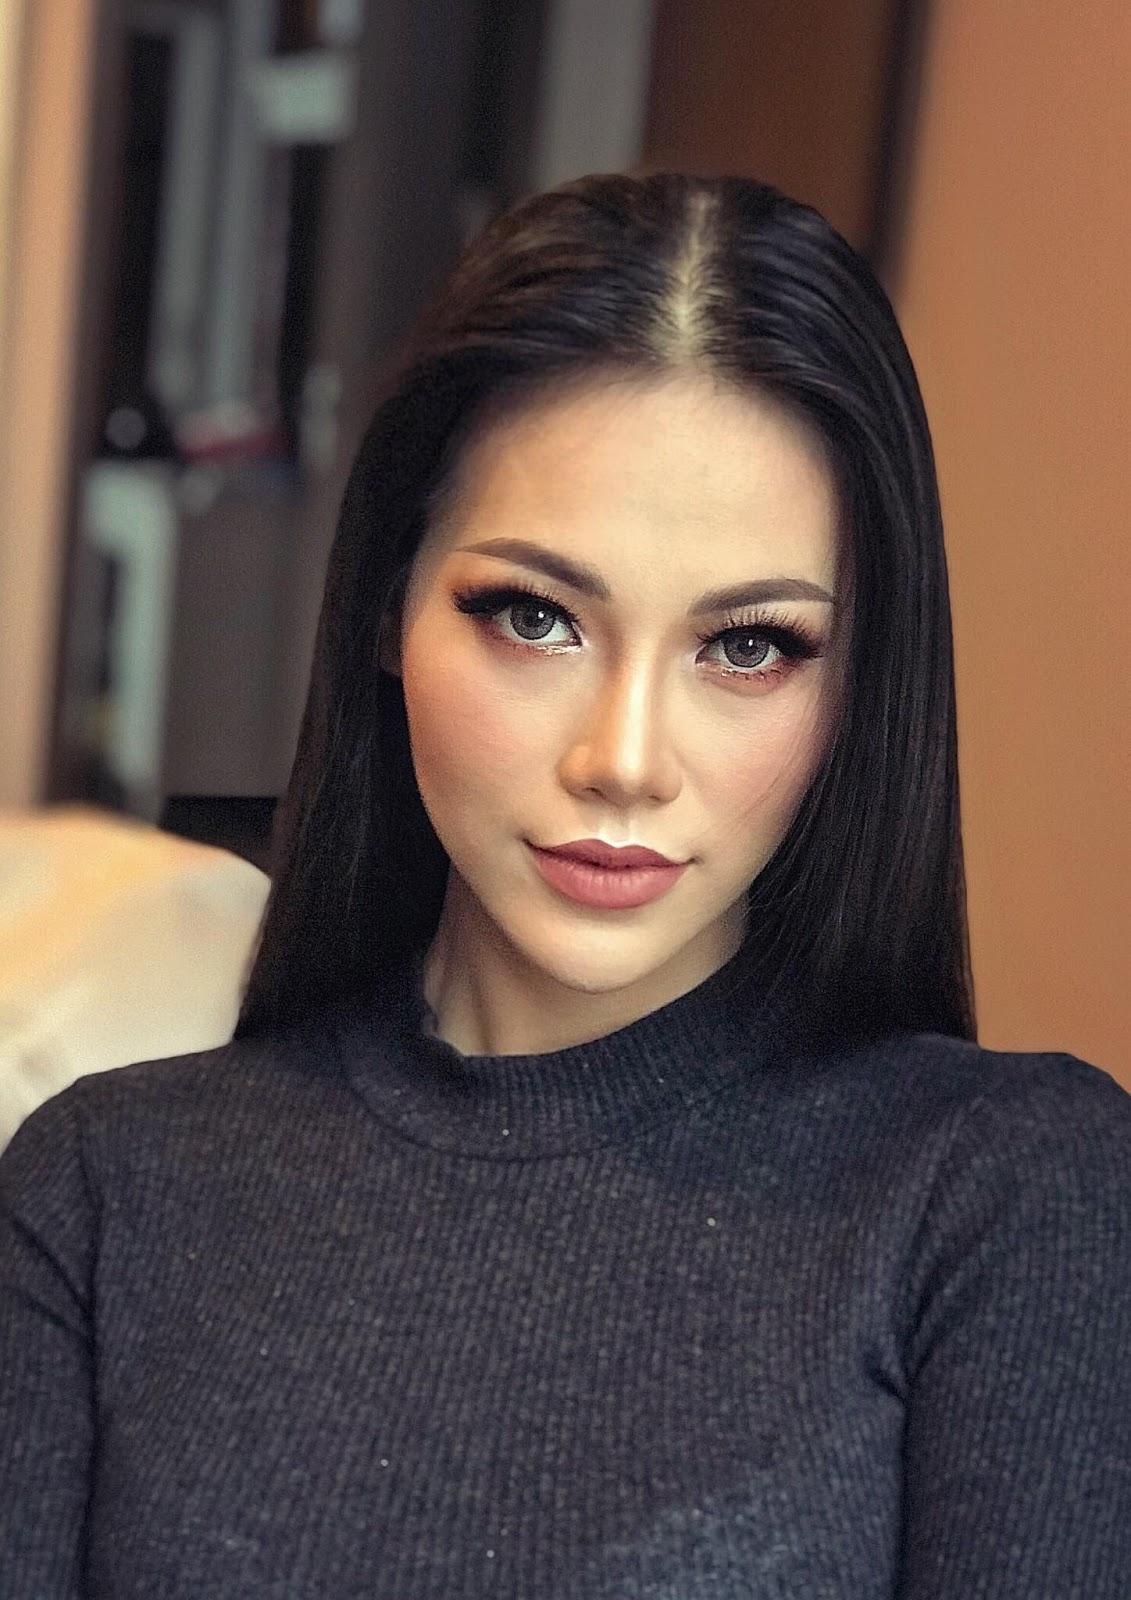 Anh trai lên tiếng giải oan cho Hoa hậu Phương Khánh khi bị chê mỗi ngày một gương mặt - Hình 13